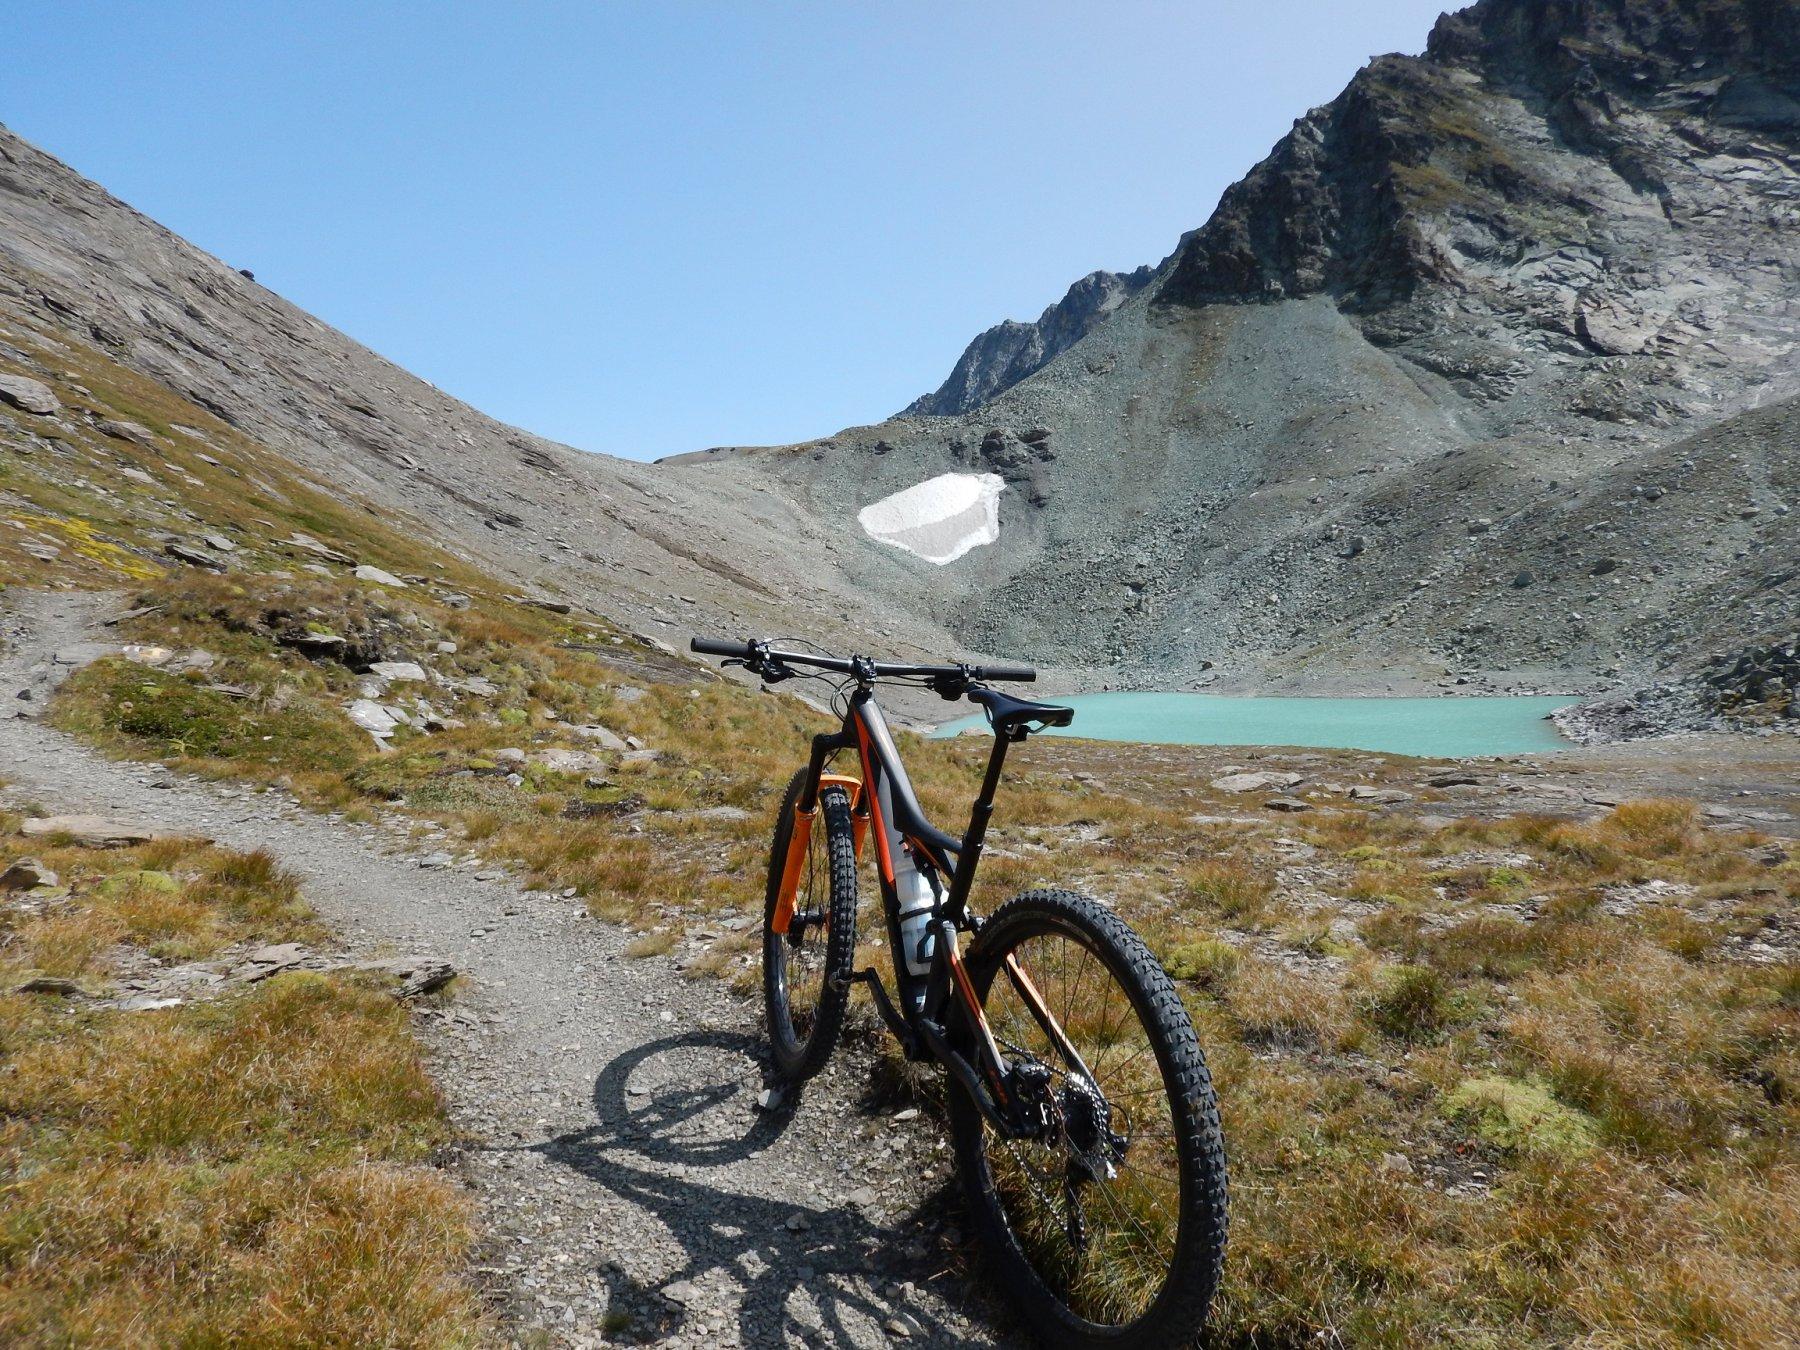 lago e colle sullo sfondo